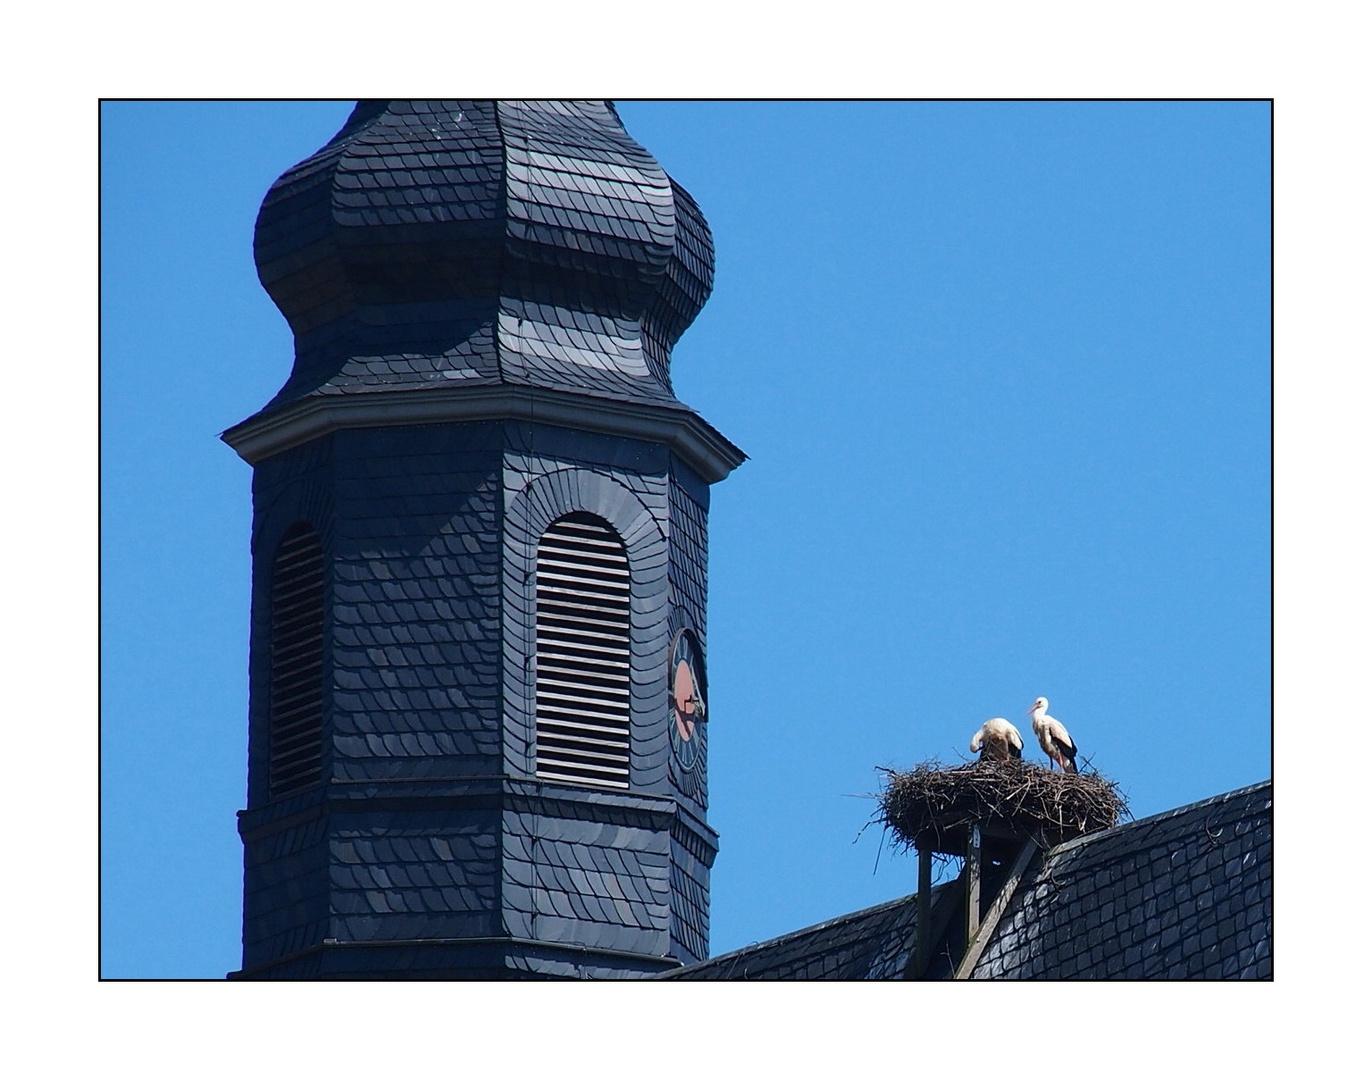 Störche auf dem Dach